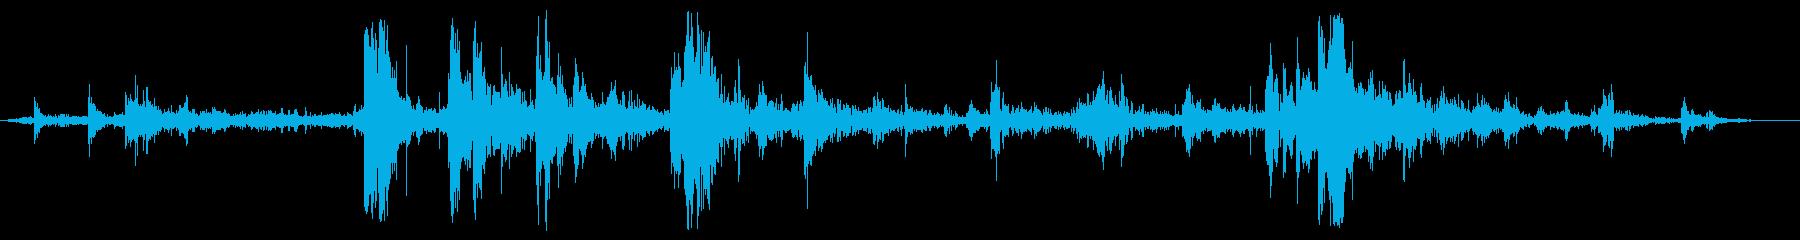 スクラッチメタルラトル、フォリーの再生済みの波形